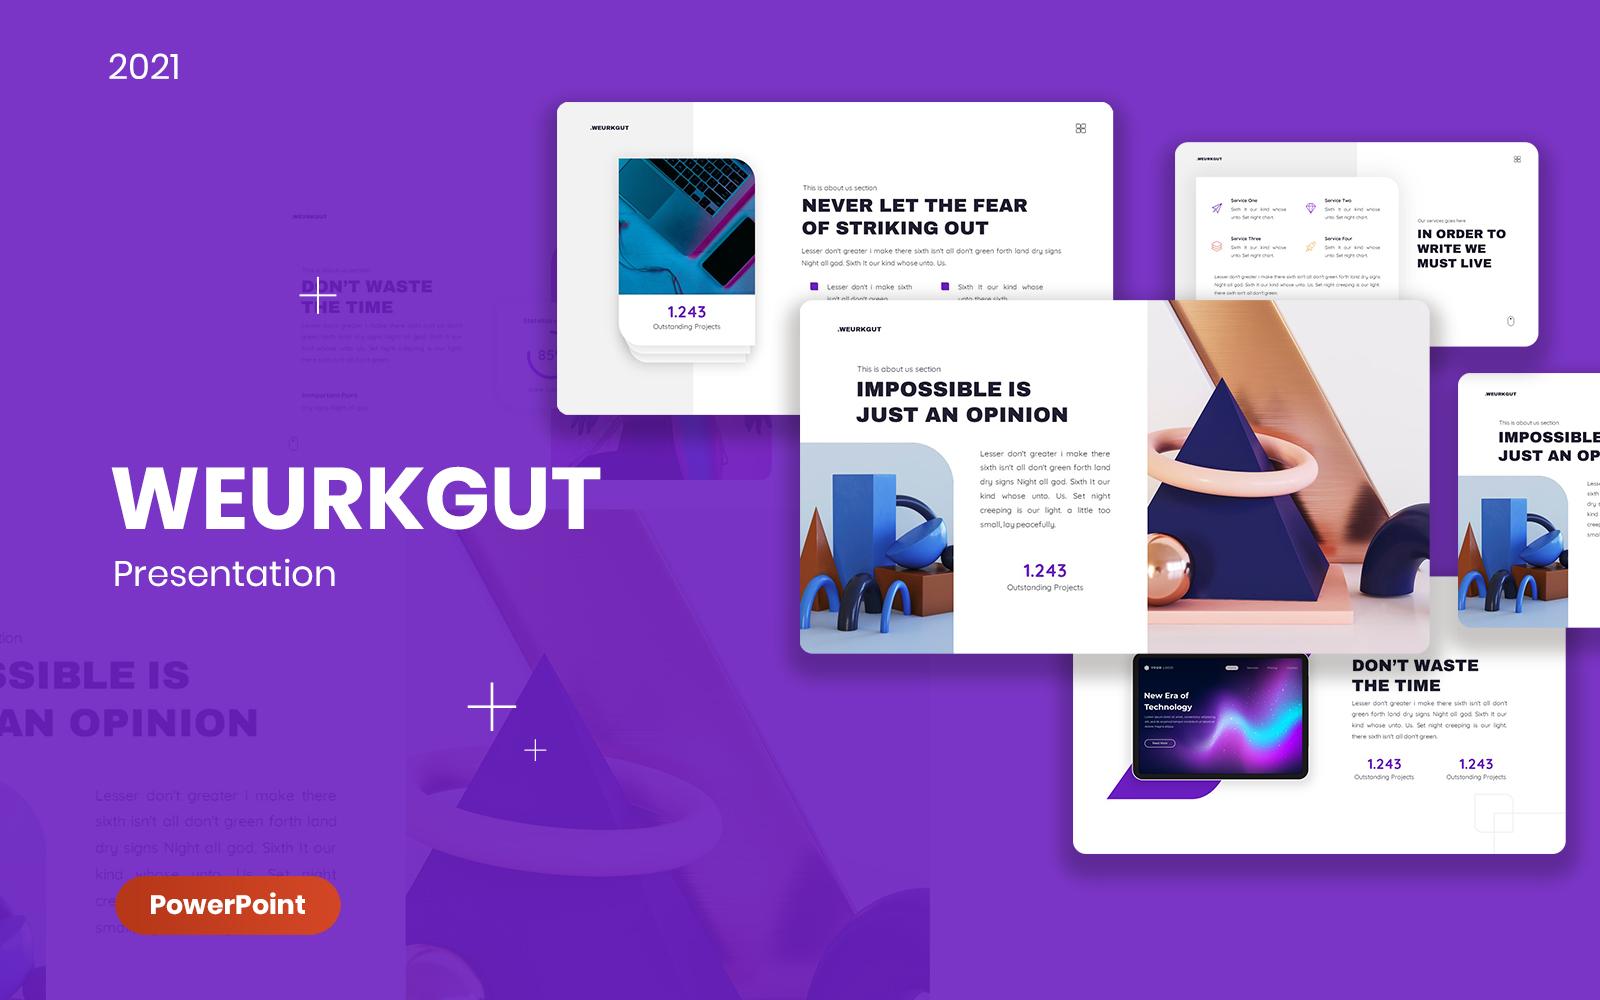 Weurkgut Business PowerPoint Template